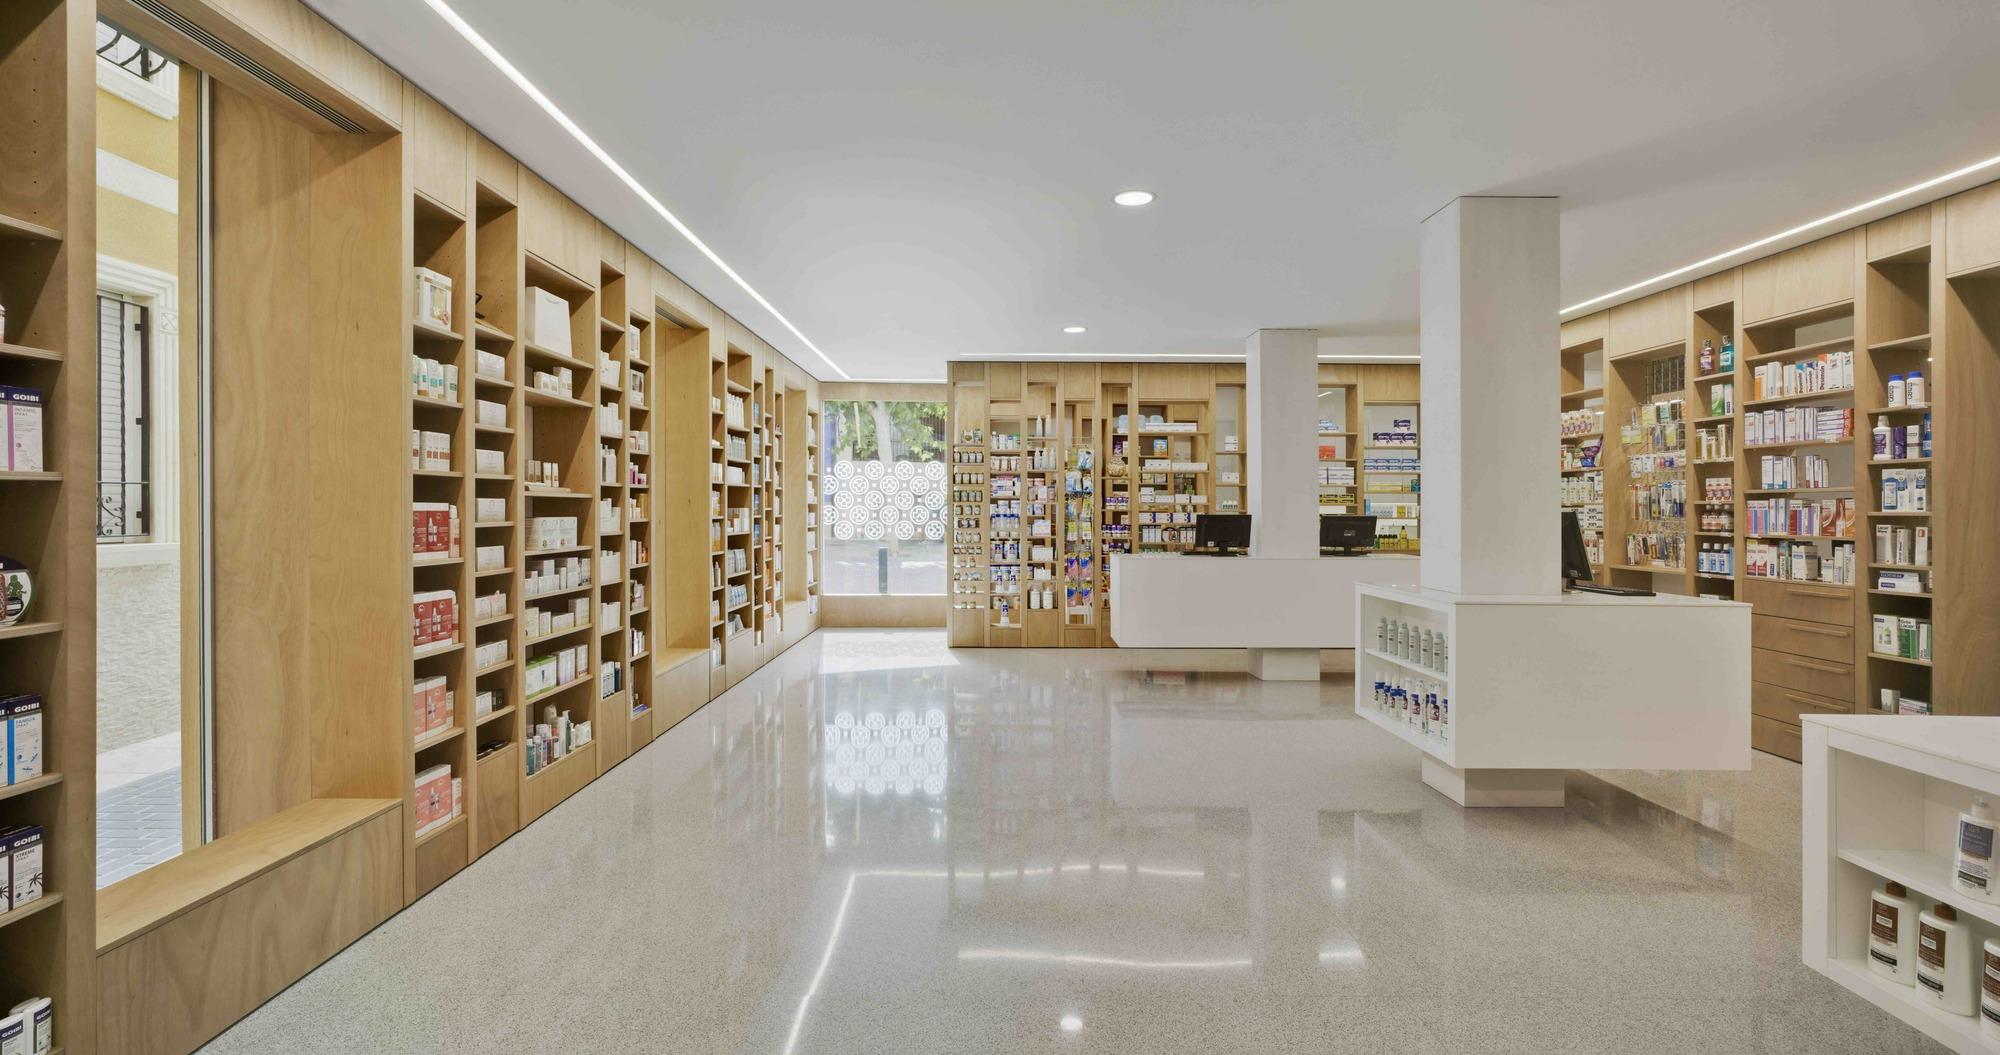 Dise O Y Arquitectura De Farmacia Plataforma Arquitectura # Muebles Farmacia